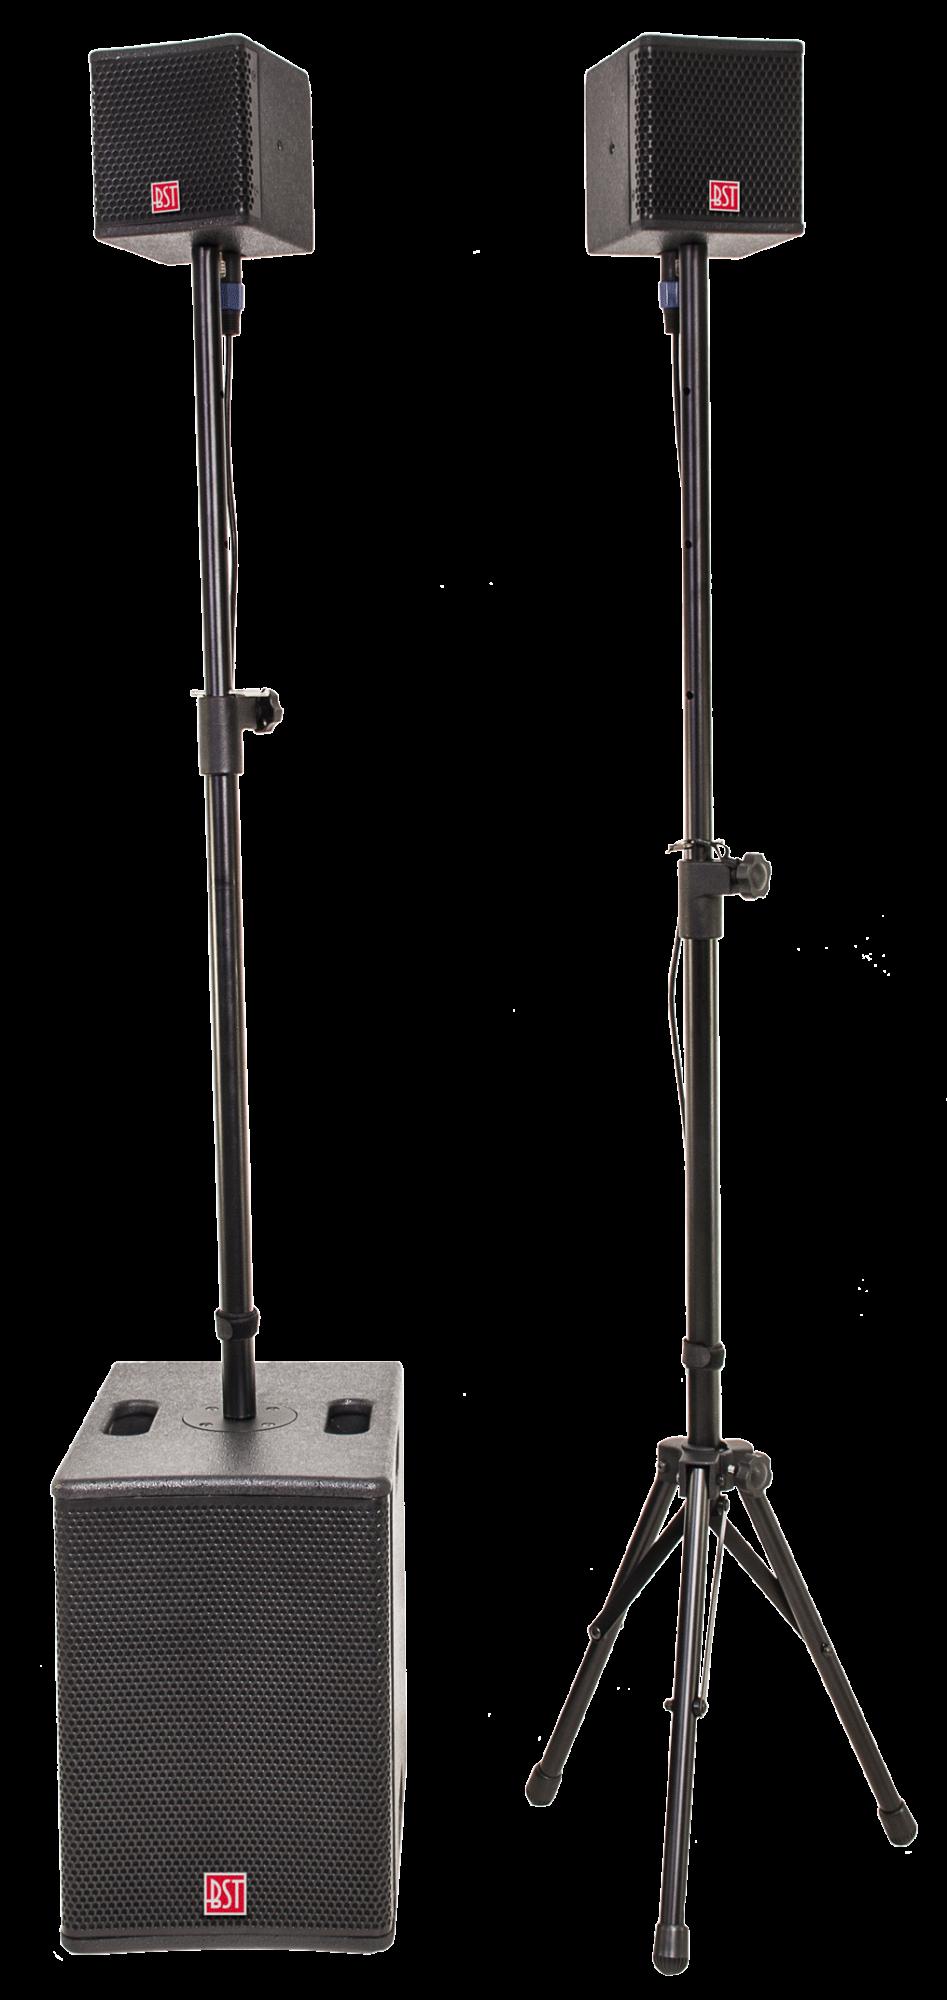 Image of   BST FIRST 2.1 Aktivt højttaler system 400 Watt